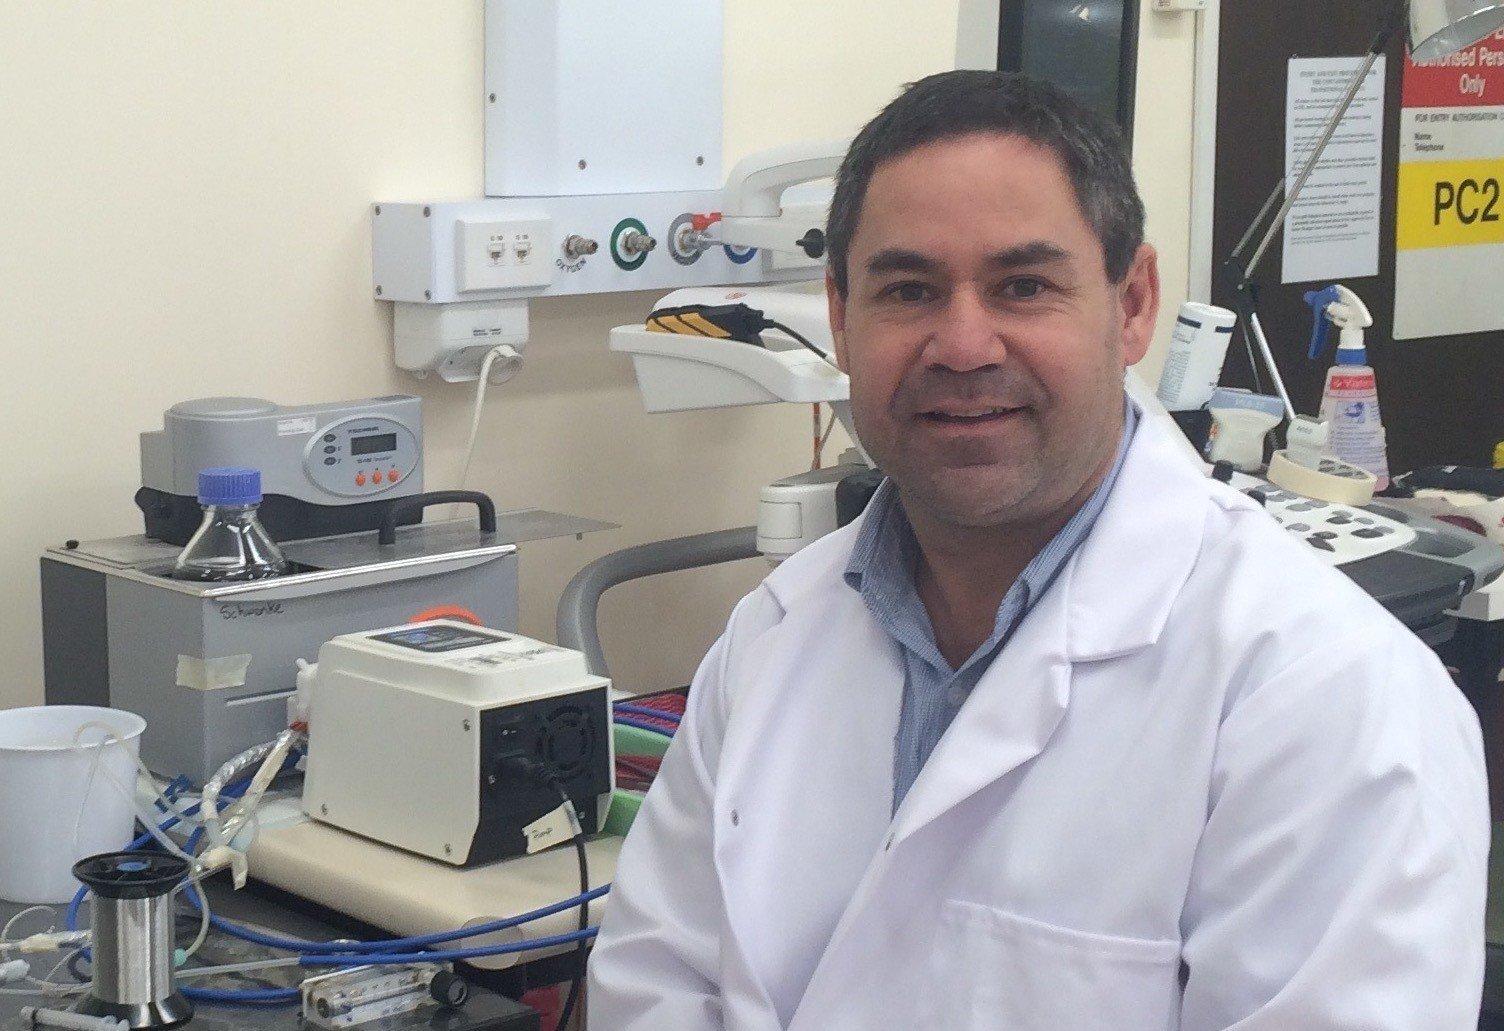 Forscher entdecken eine vielversprechende Therapie zur Verbesserung der Herzinfarkt-survivorship